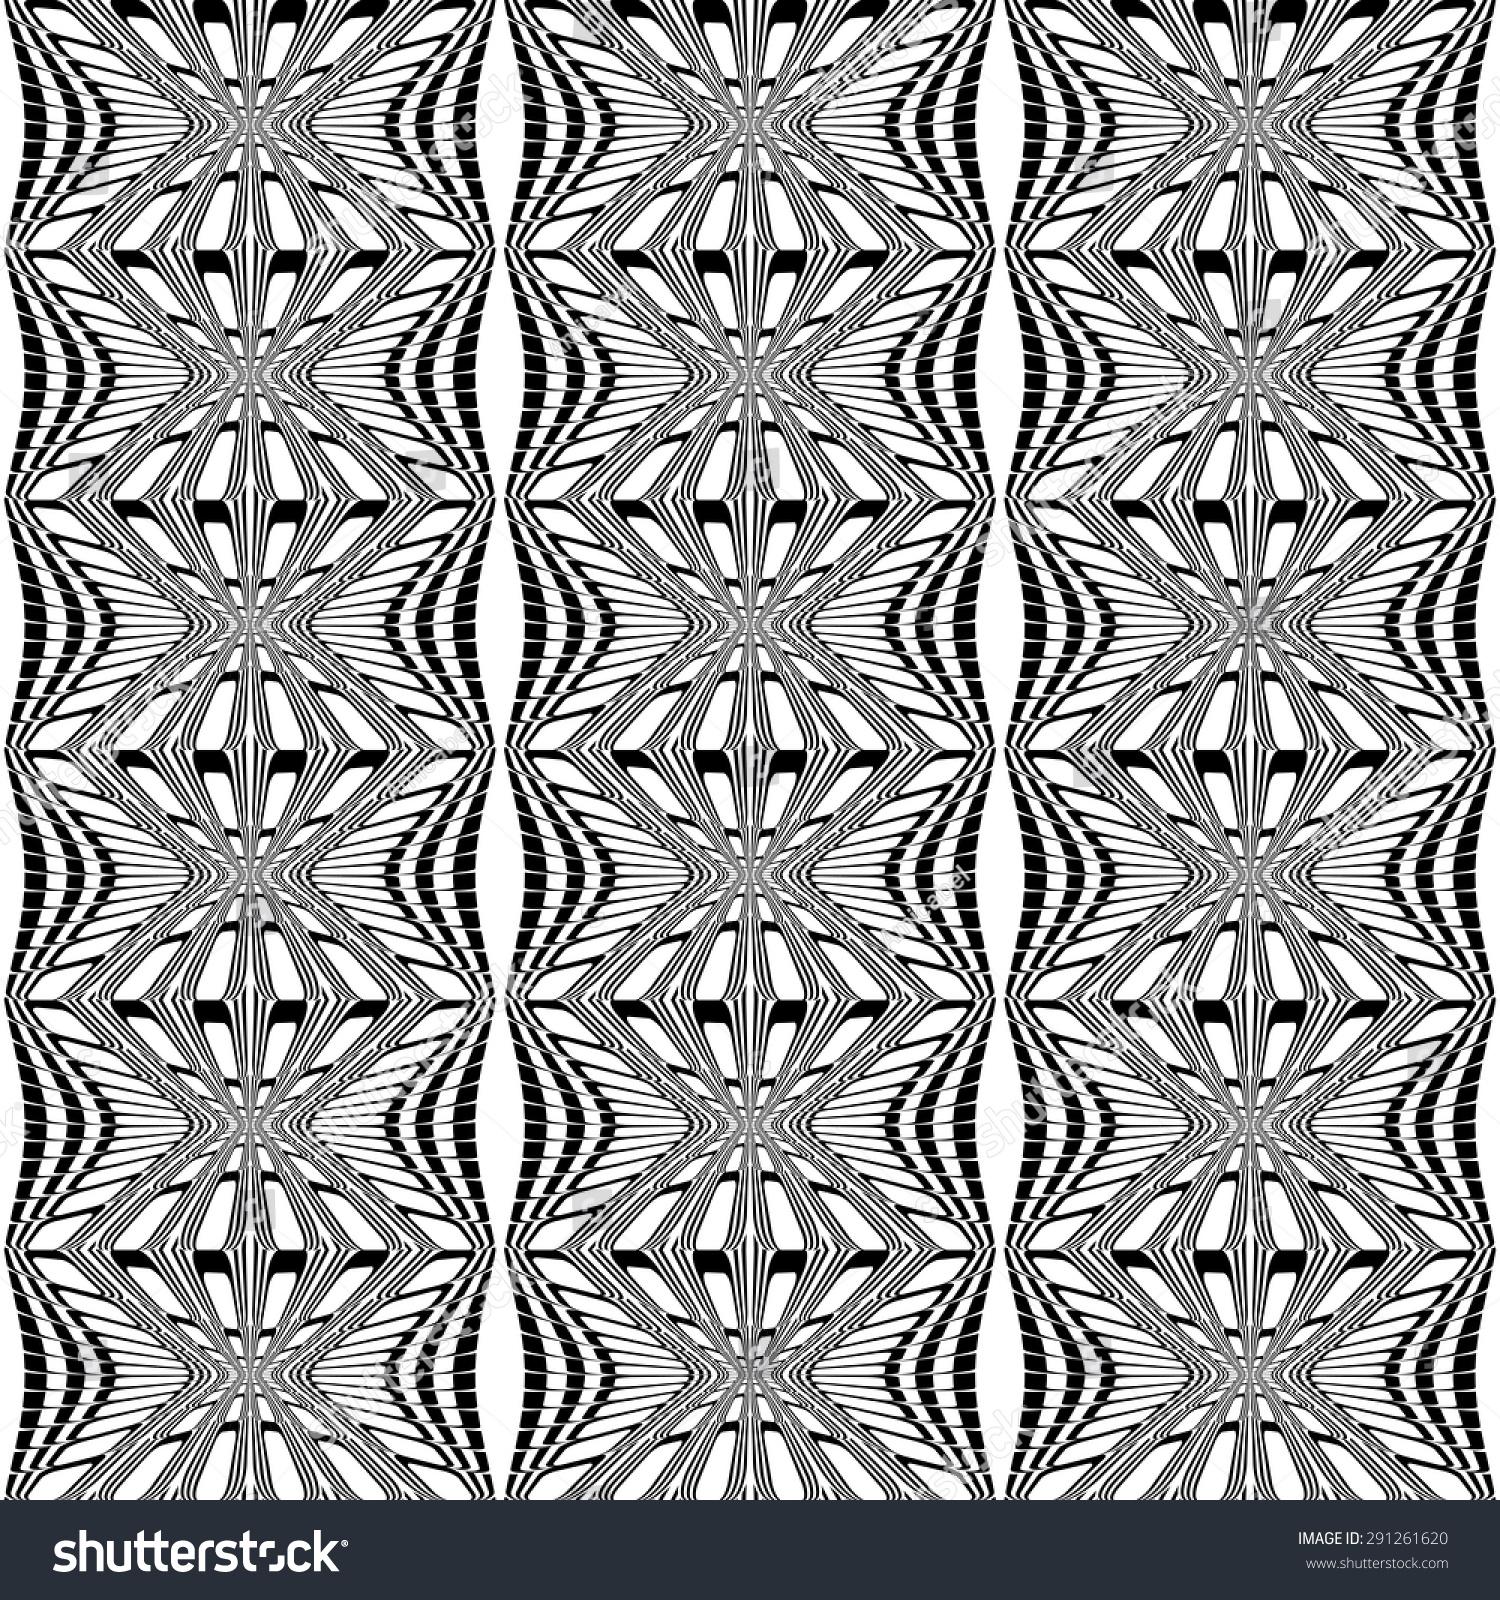 黑白条纹图案设计无缝.扭曲变形的背景.矢量艺术-背景